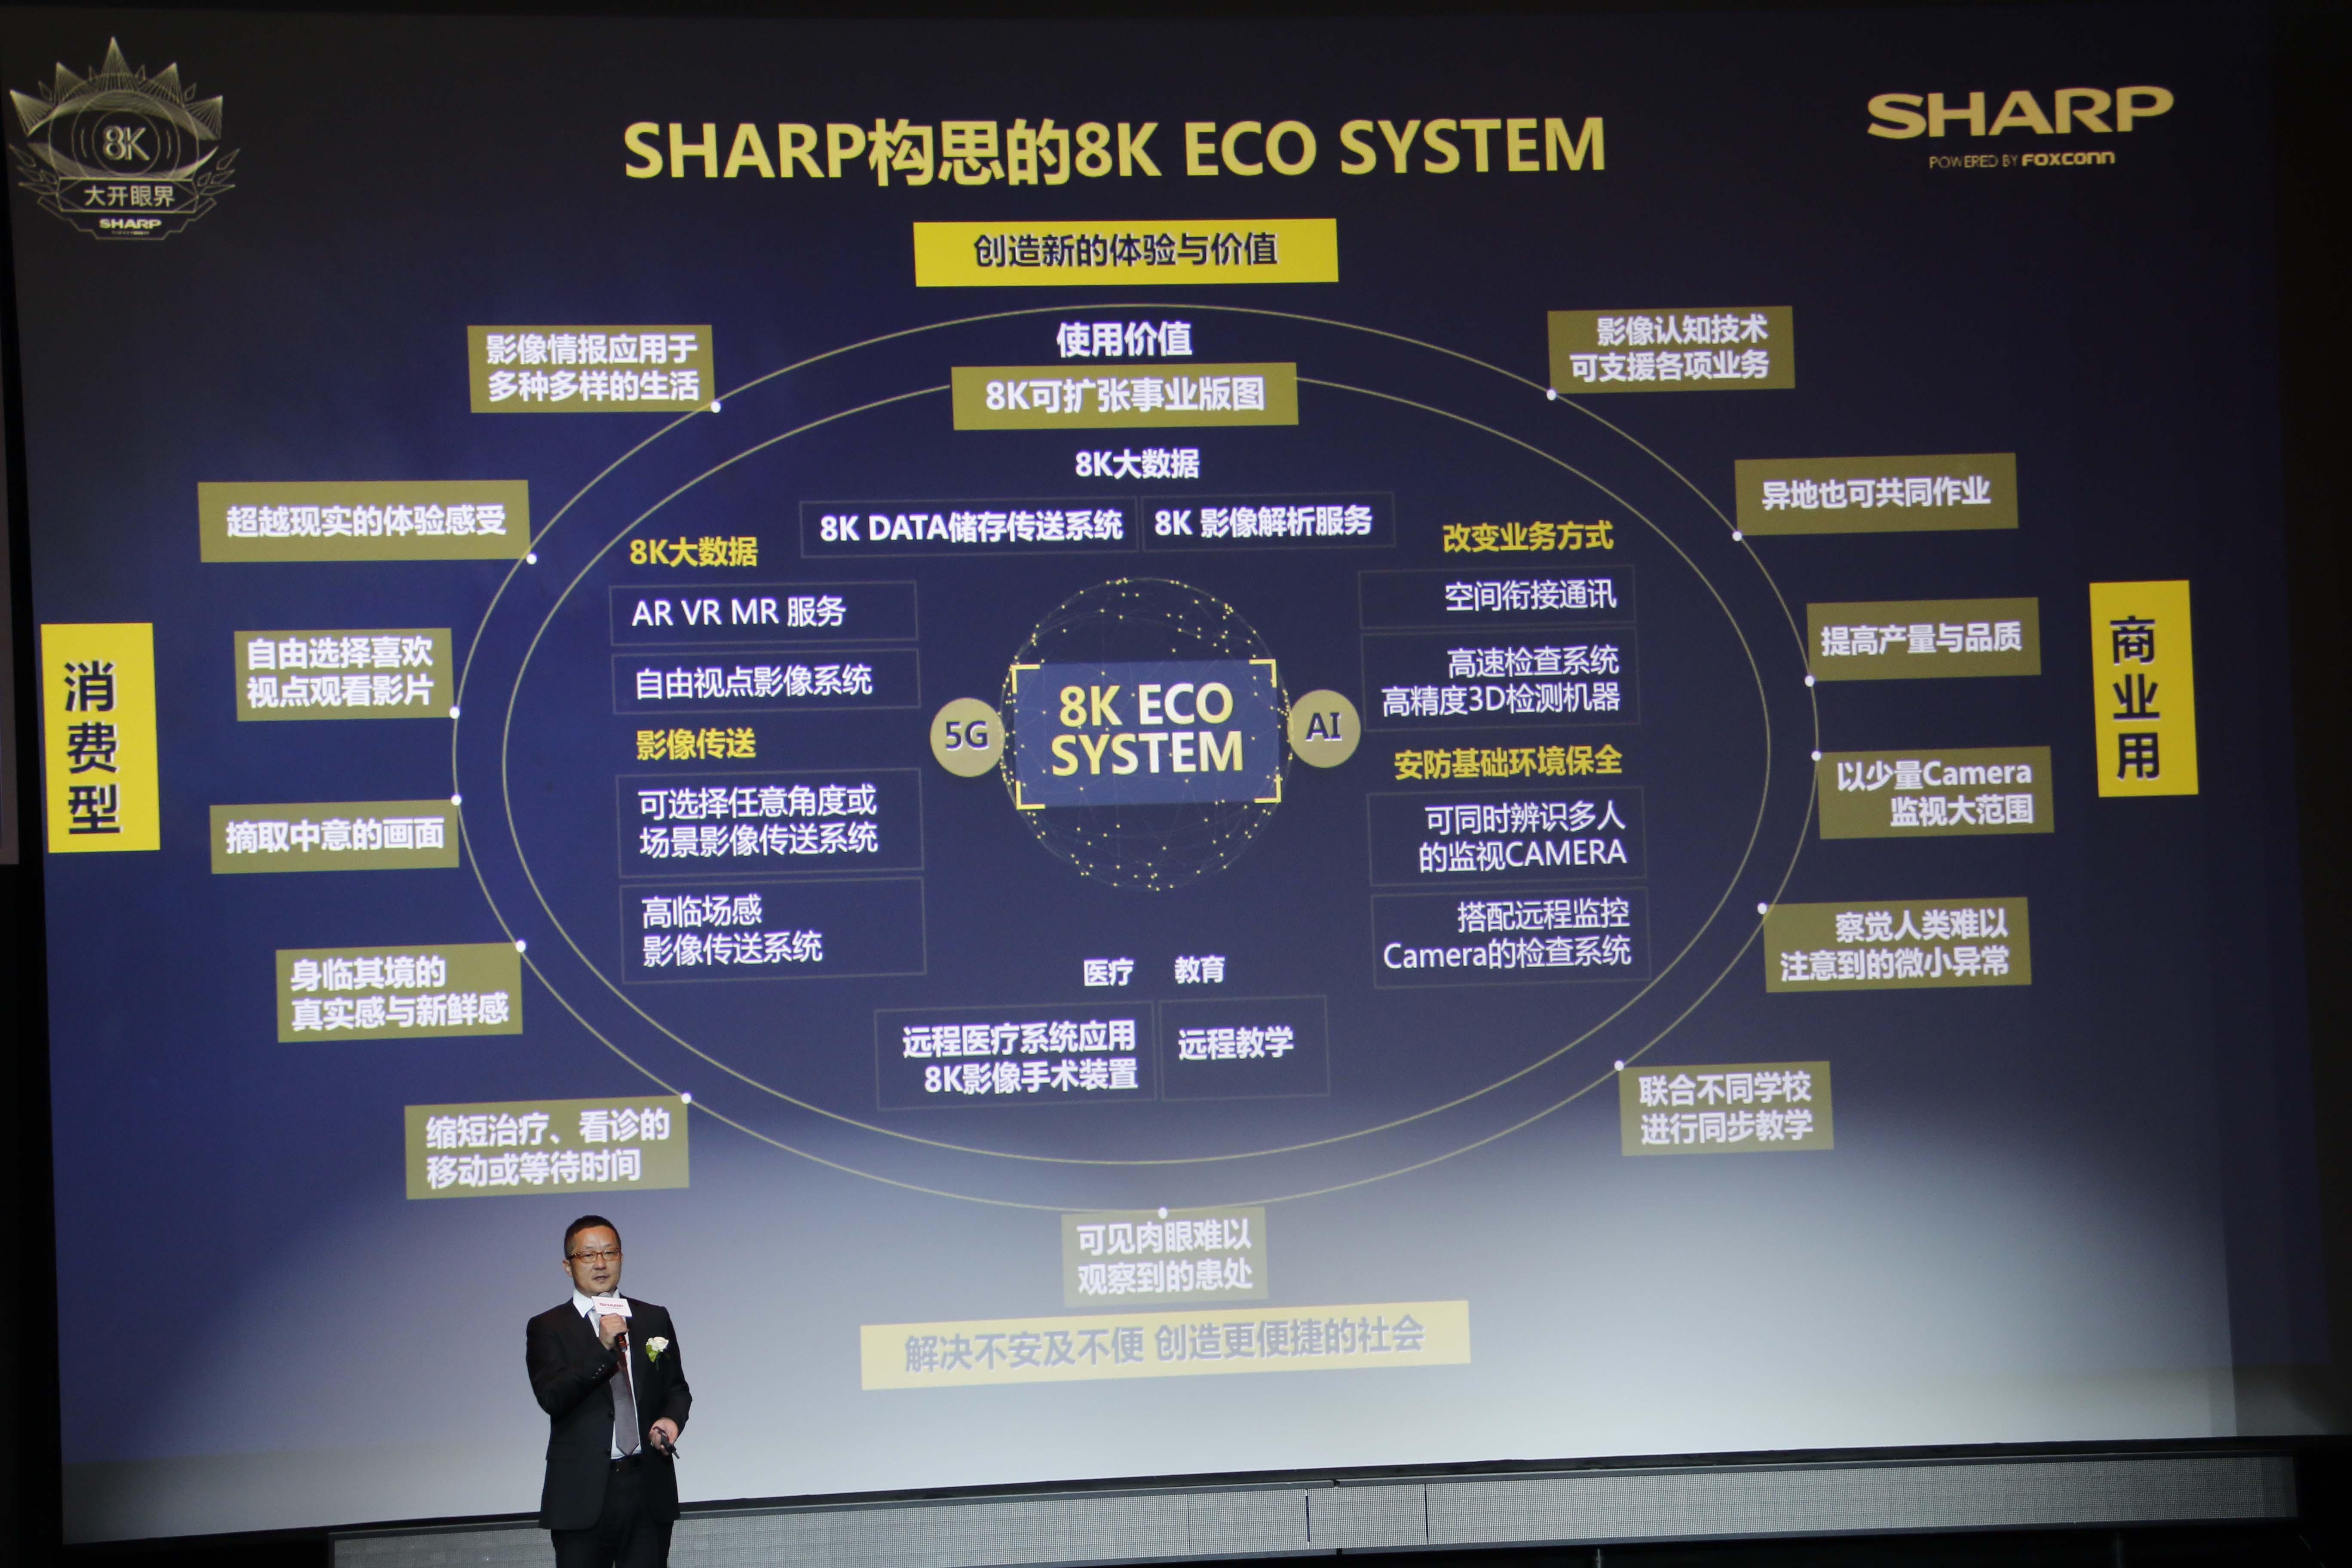 夏普构思的8K ECO SYSTEM,8K+5G+AI作为核心